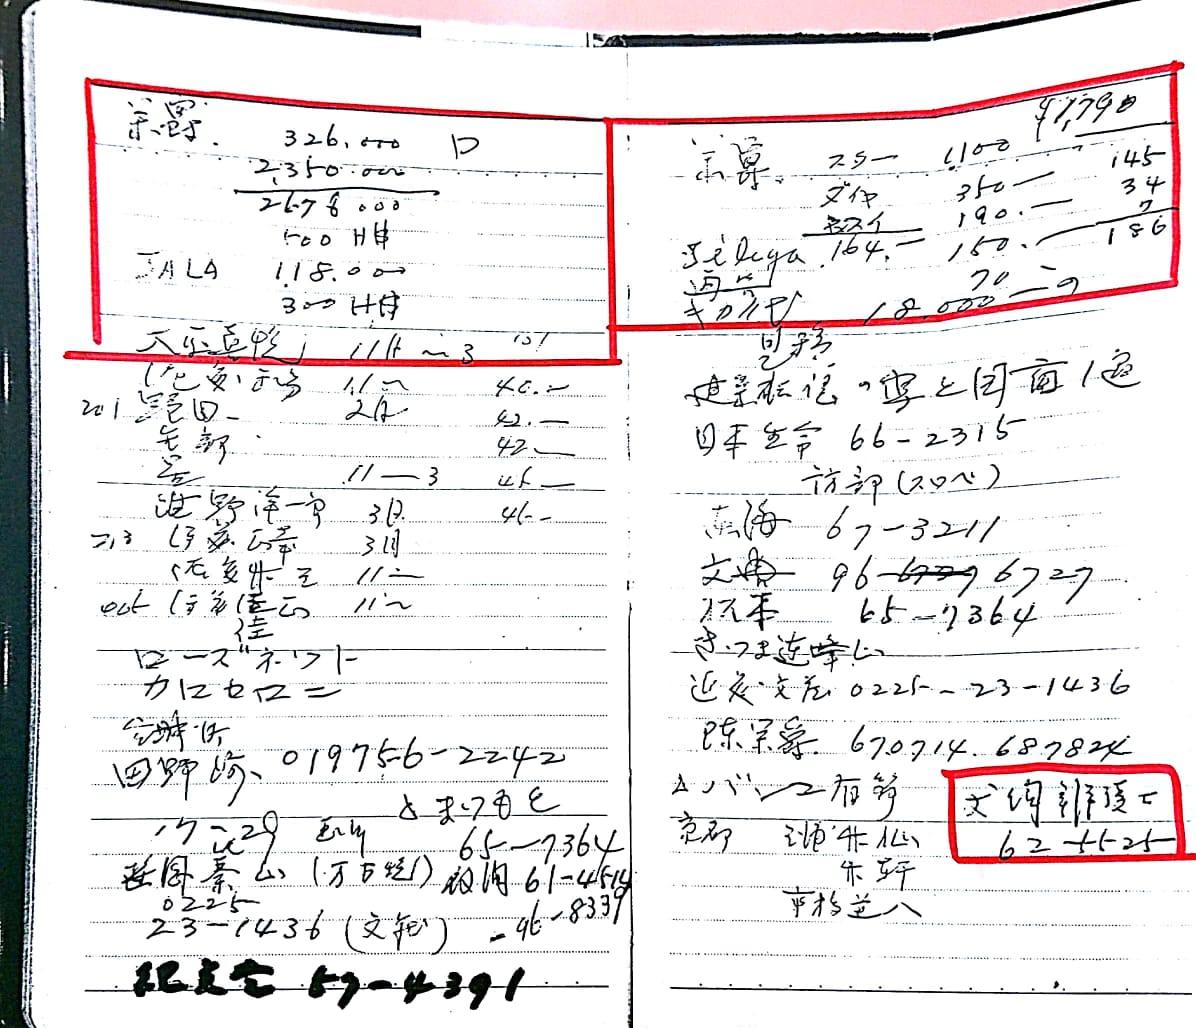 f:id:Tamagawa1928:20191101093307j:plain